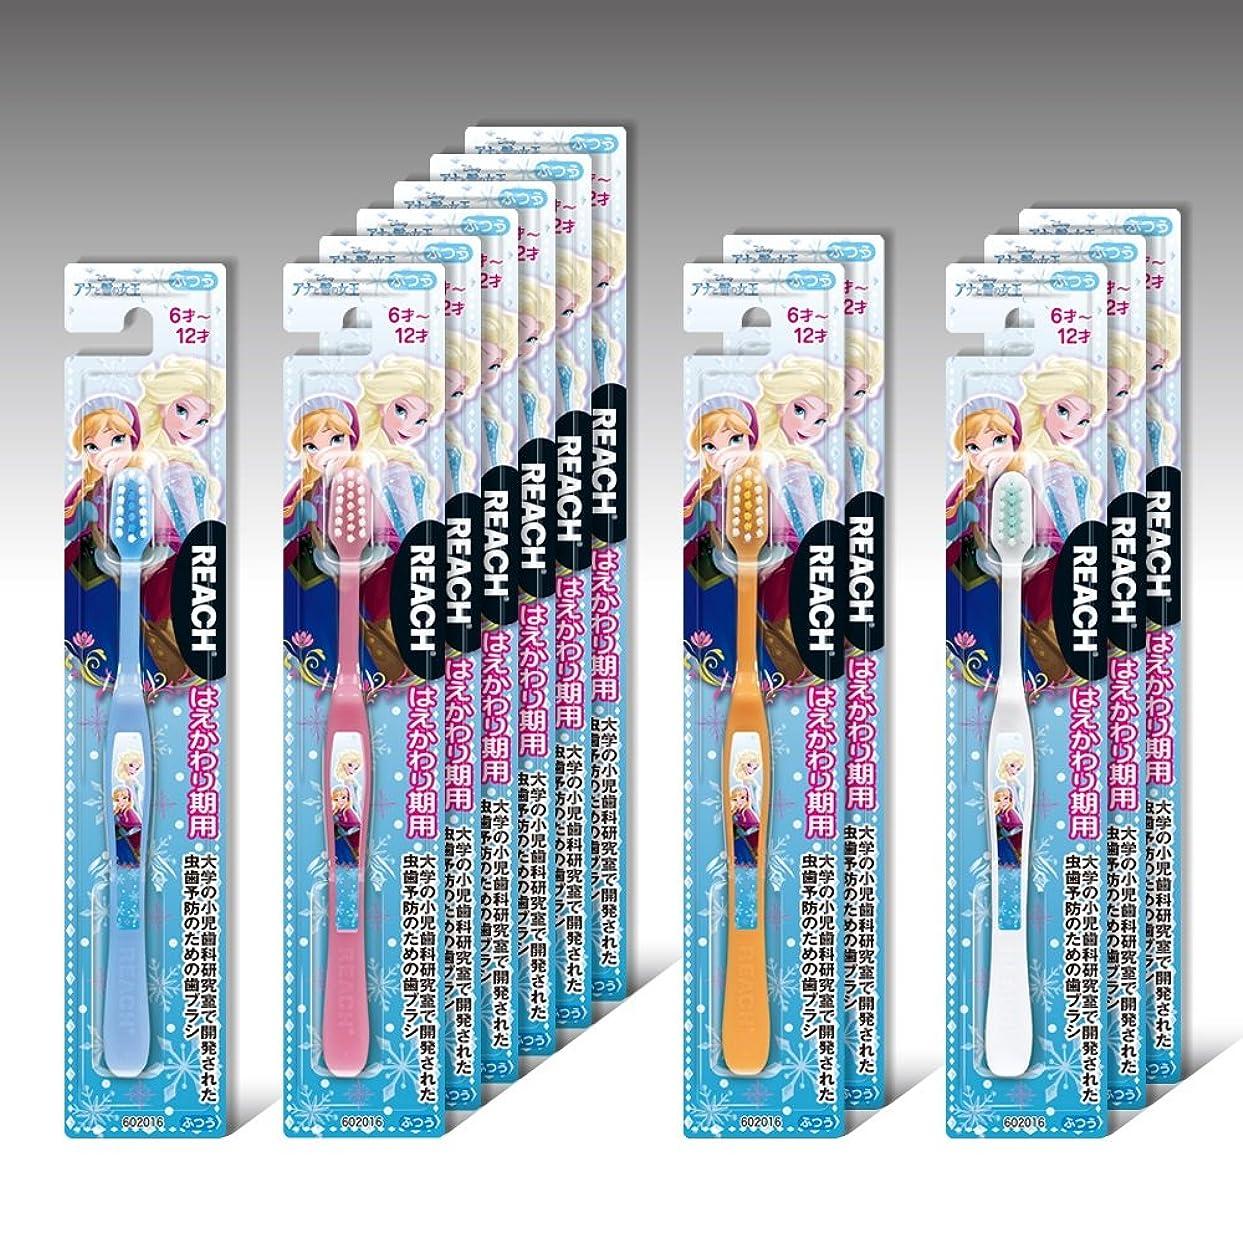 肥料エアコン設計図リーチキッズ ディズニー アナと雪の女王 はえかわり期用(6~12才) 12本セット